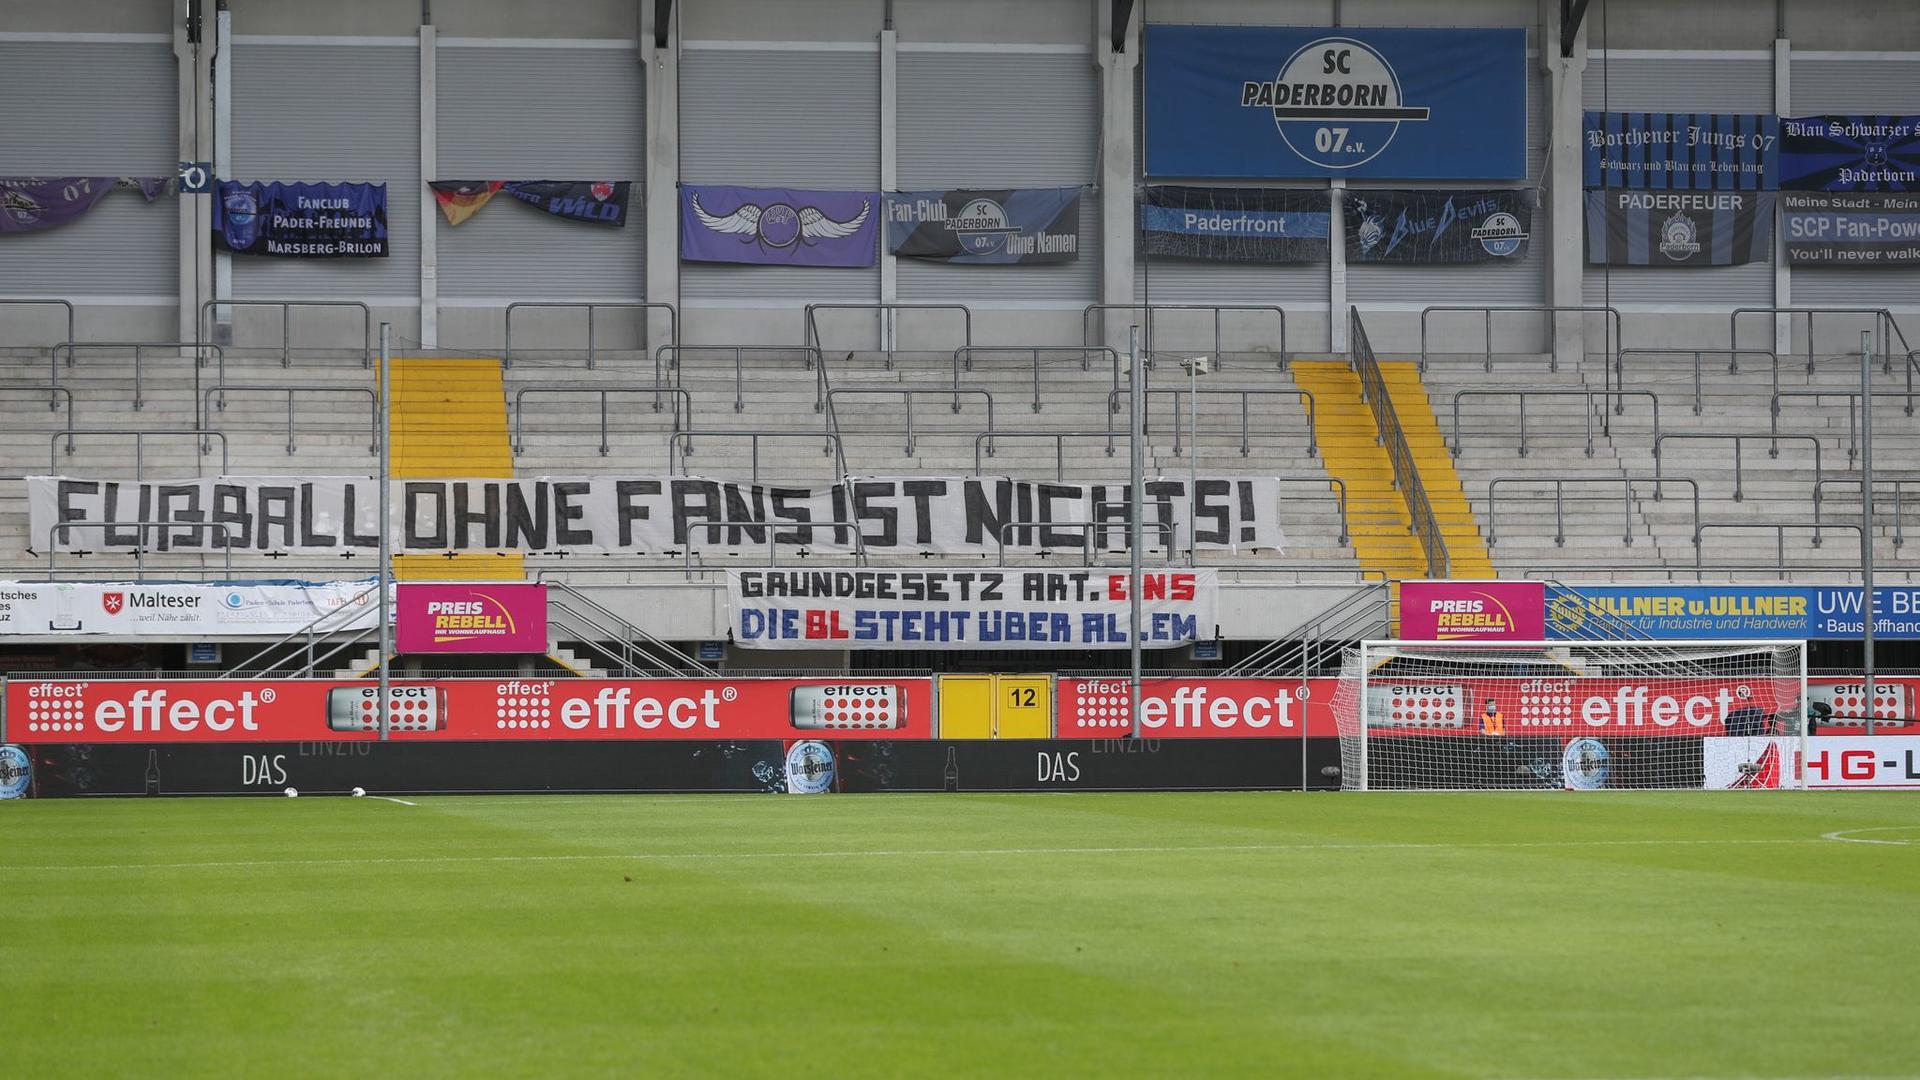 """""""Fußball ohne Fans ist nichts!"""" steht auf einem Transparent in der Paderborner Benteler-Arena."""